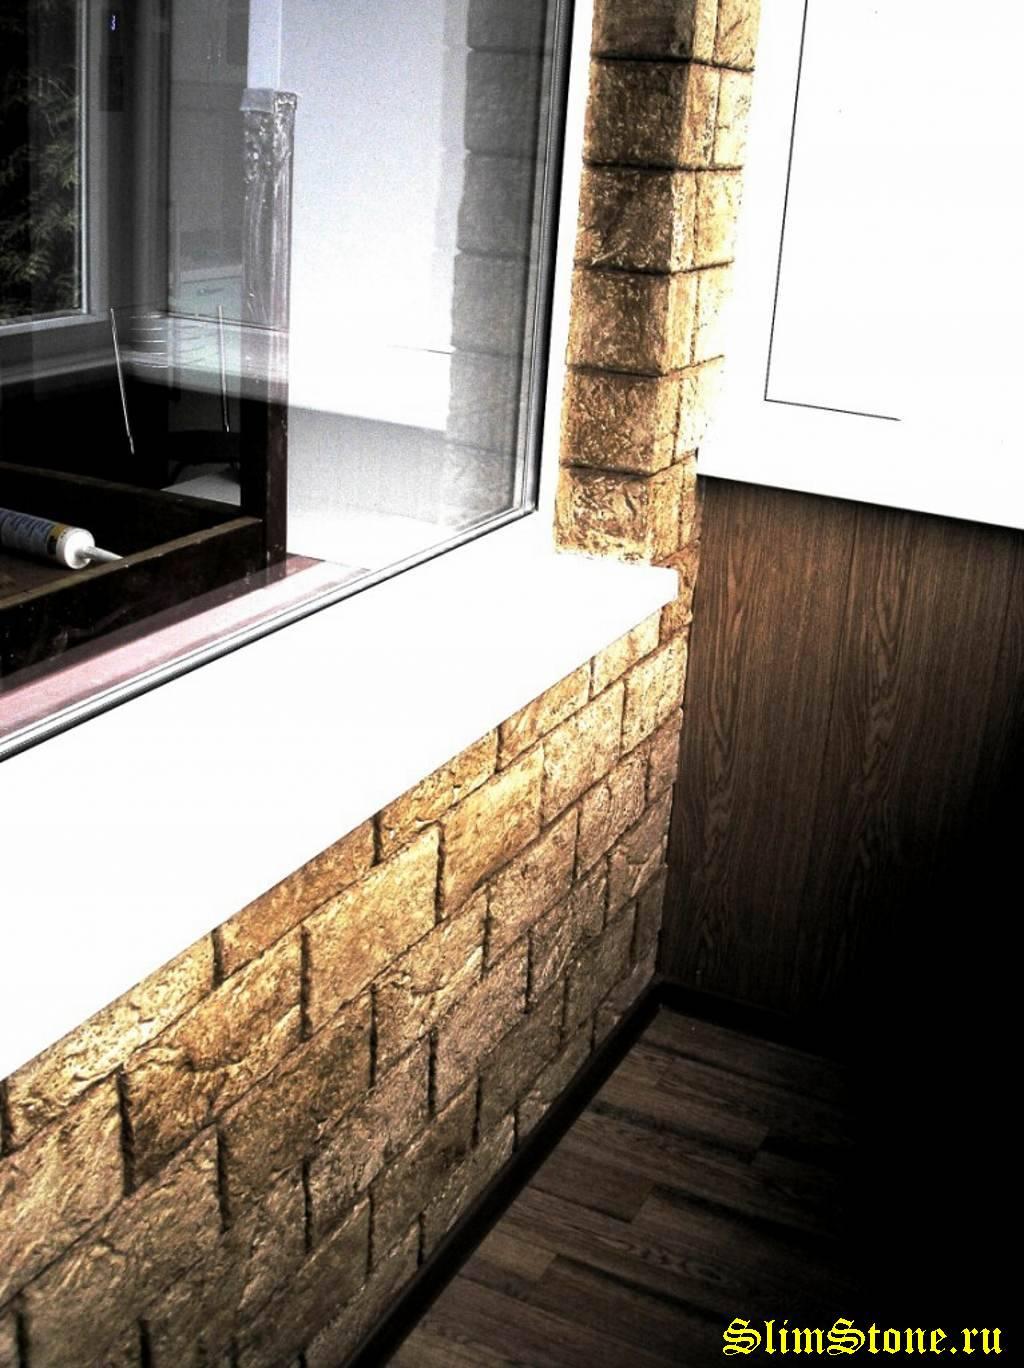 Искусственный камень(декоративный) : стройматериалы - предло.